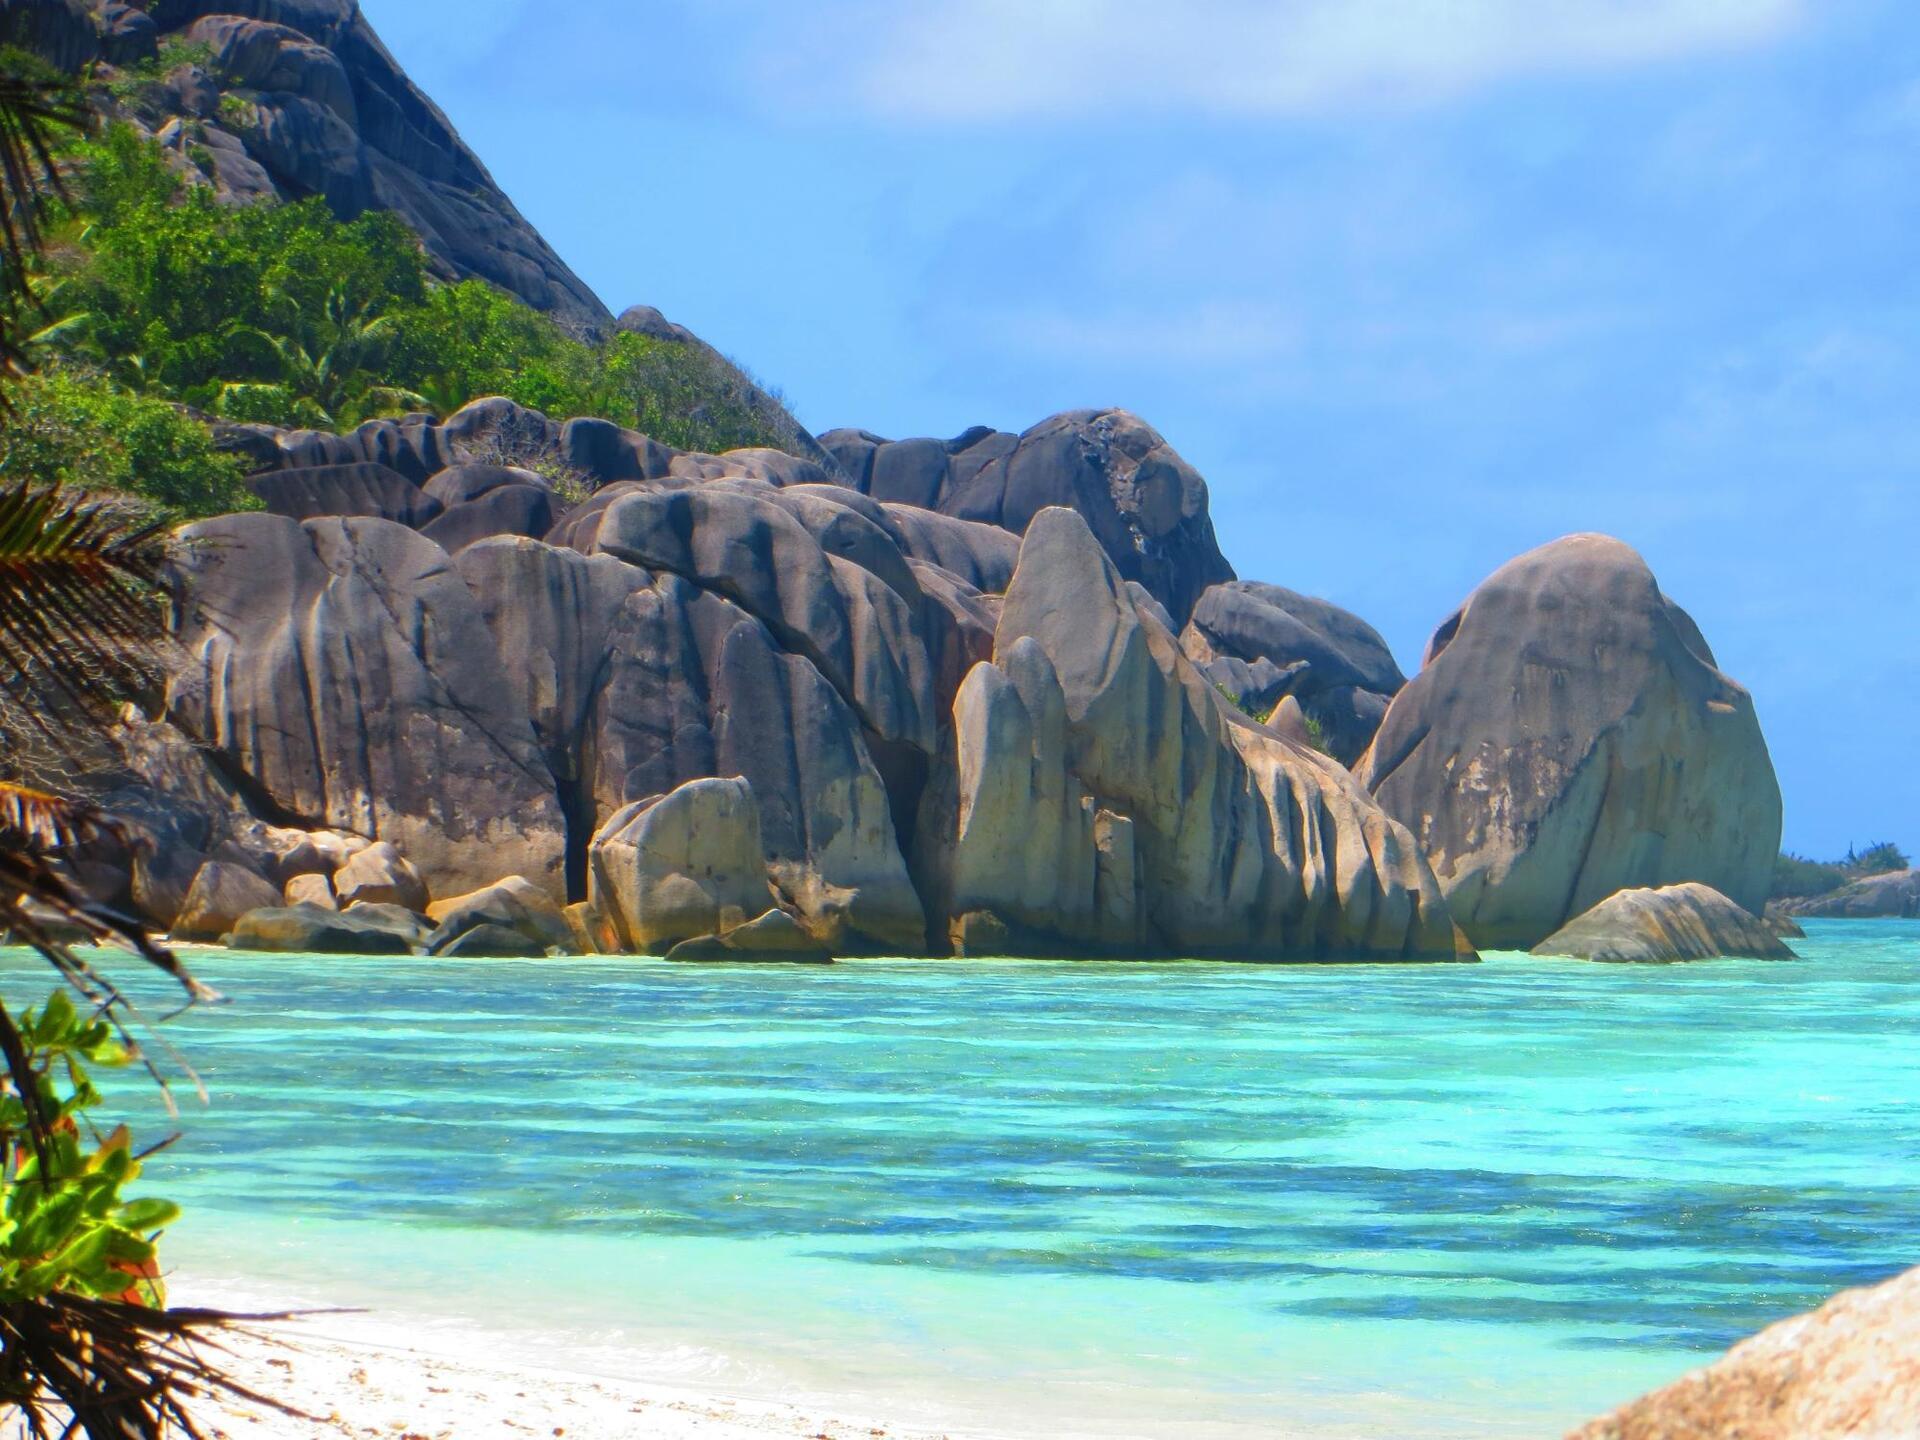 12 praias com águas cristalinas ao redor do mundo